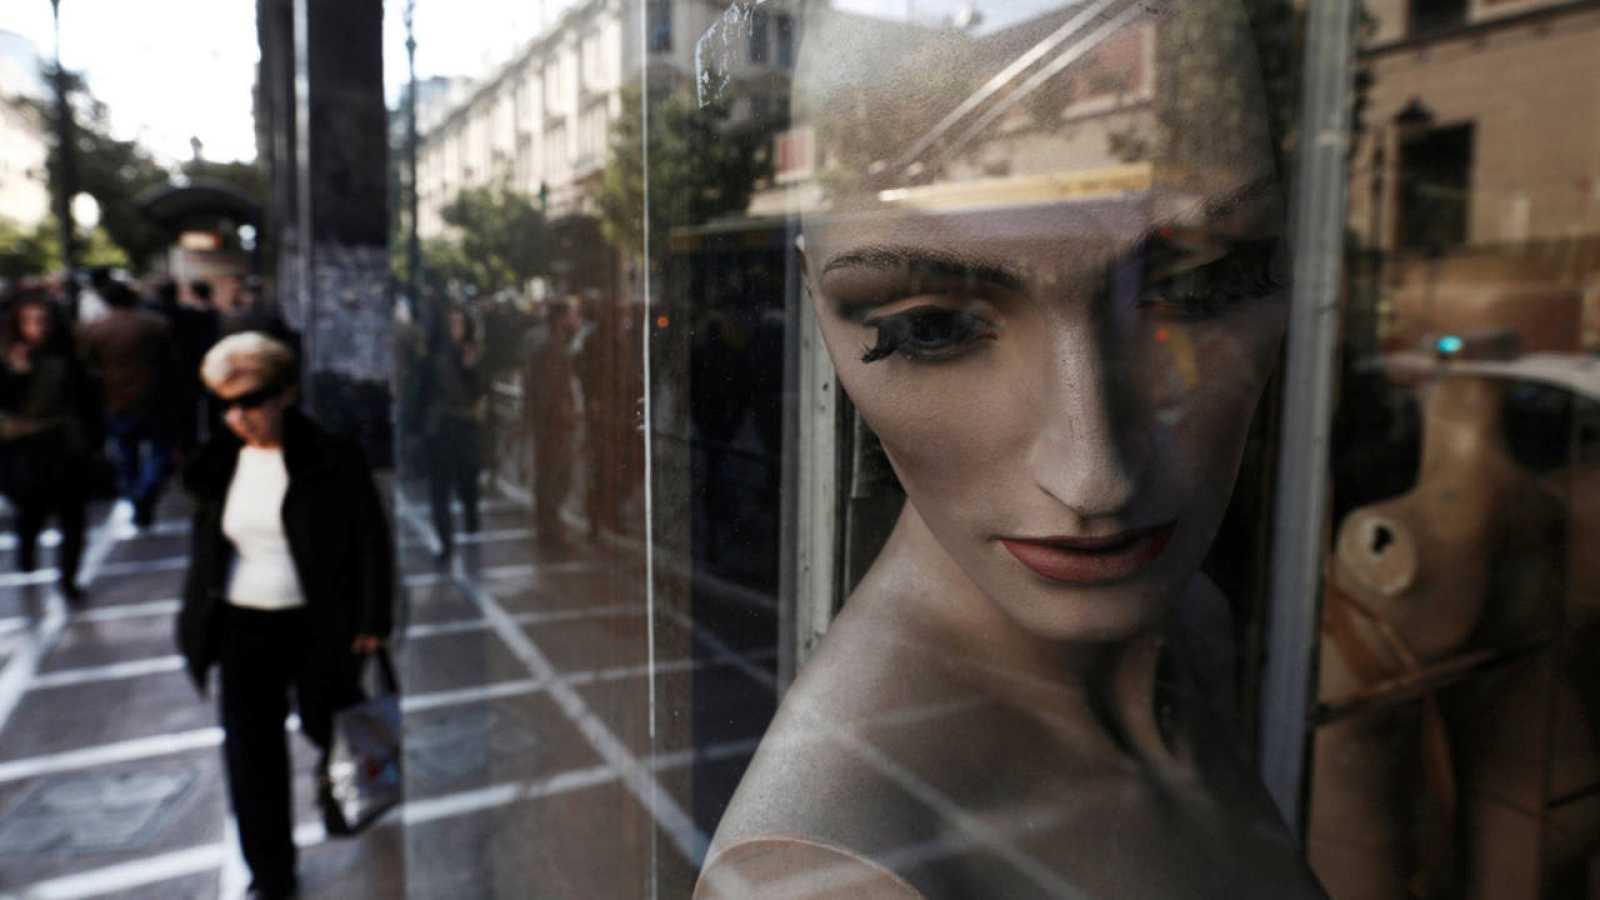 Una mujer camina junto a una tienda cerrada en Atenas, Grecia